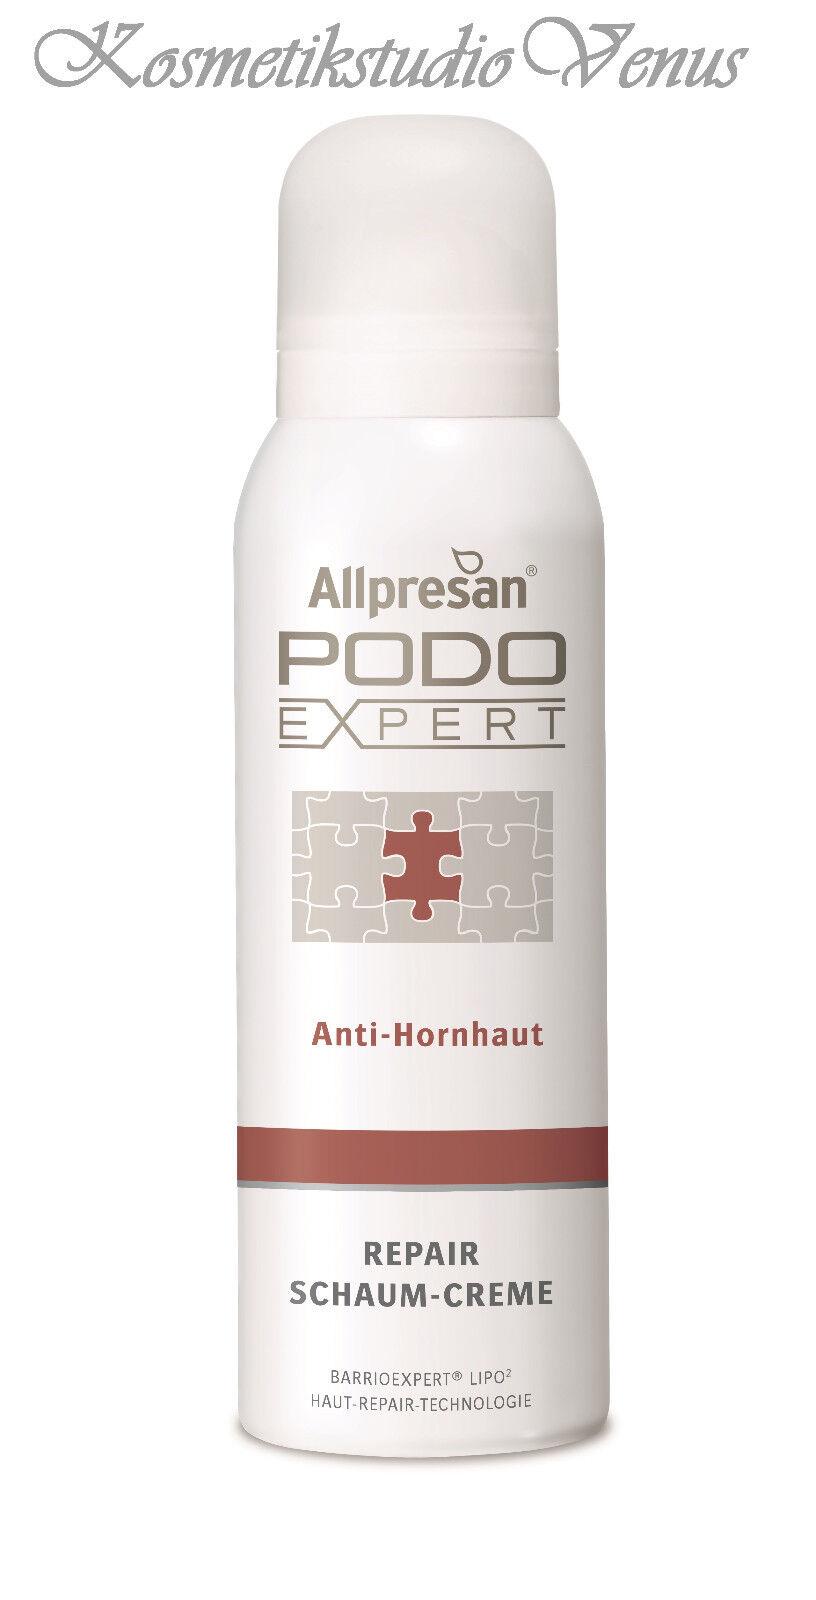 Allpresan PODOEXPERT Repair Schaum Creme Anti Hornhaut 125 ml